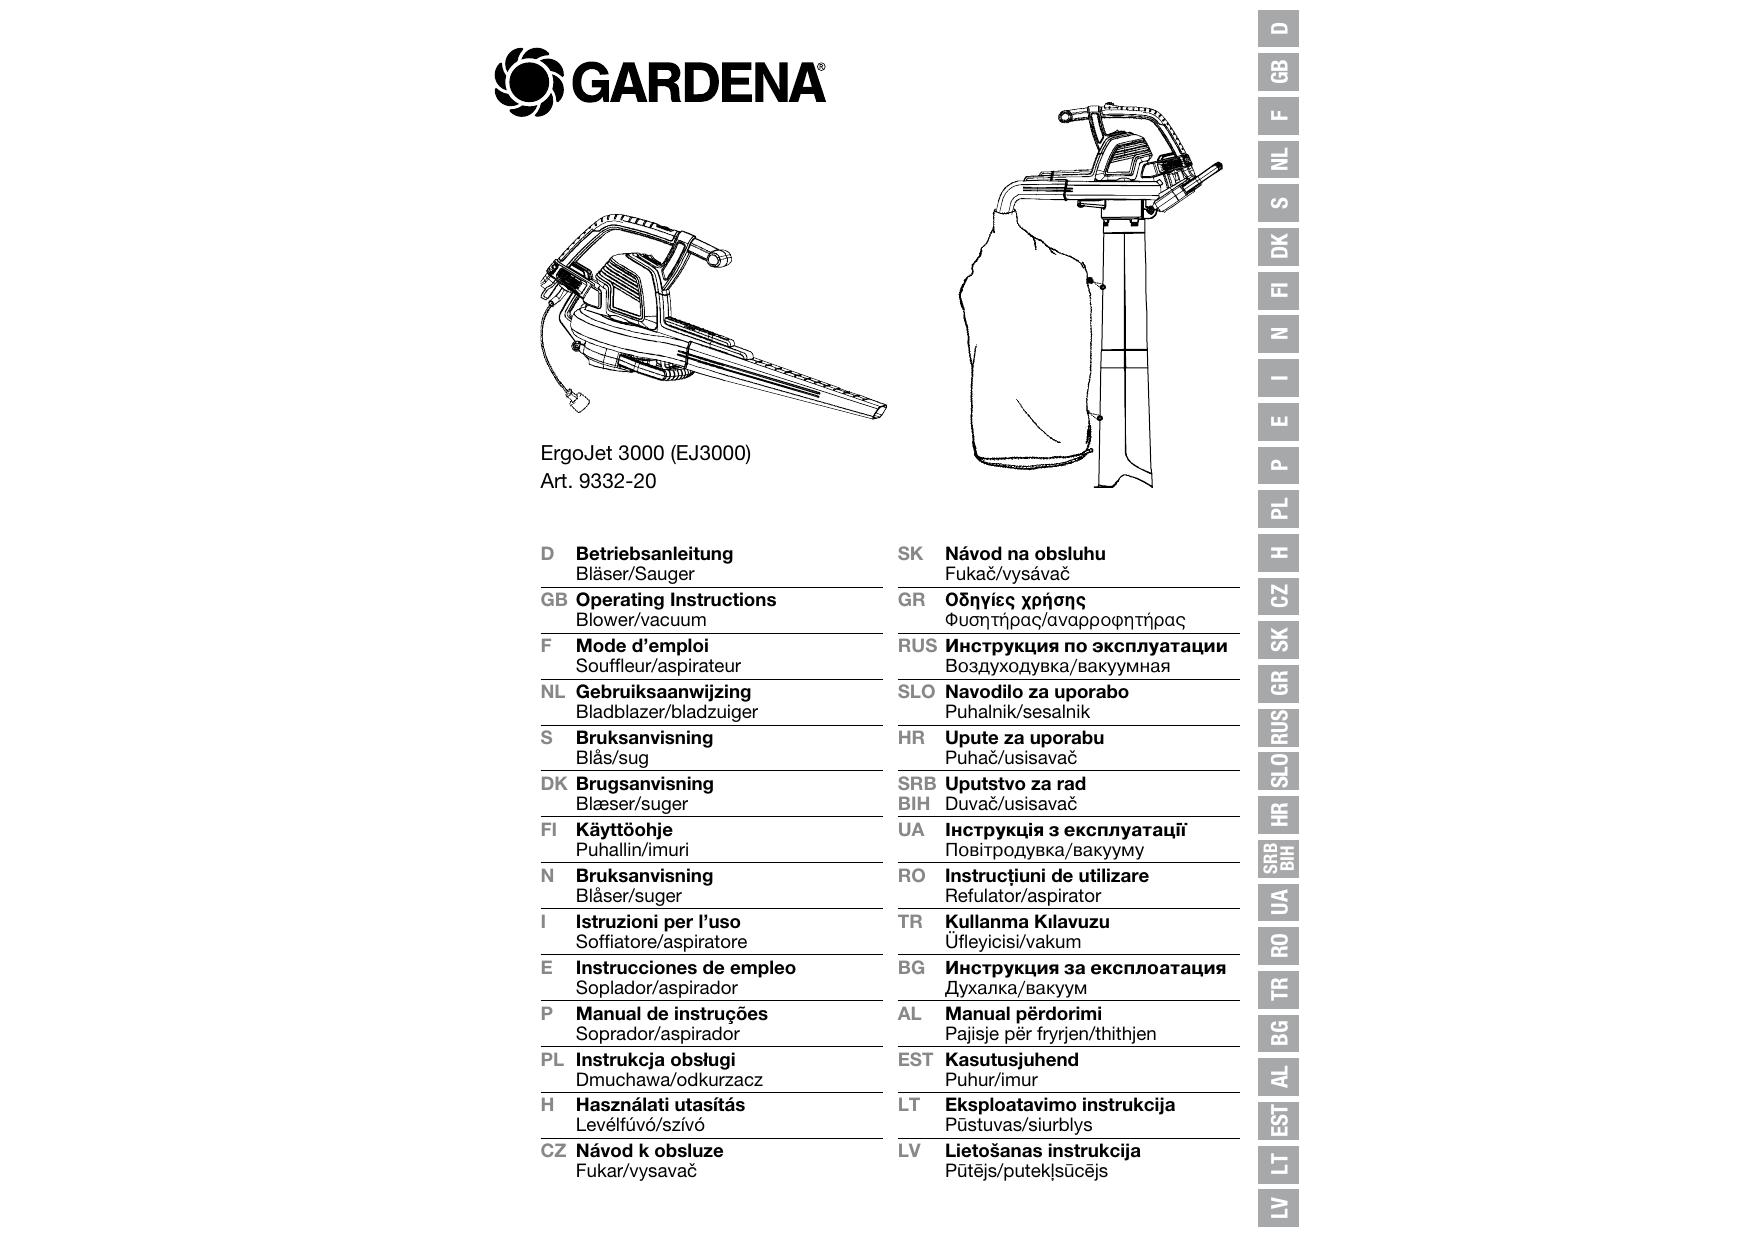 OM, Gardena, Souffleur/aspirateur, Art 09332-20, 2012-01 ...